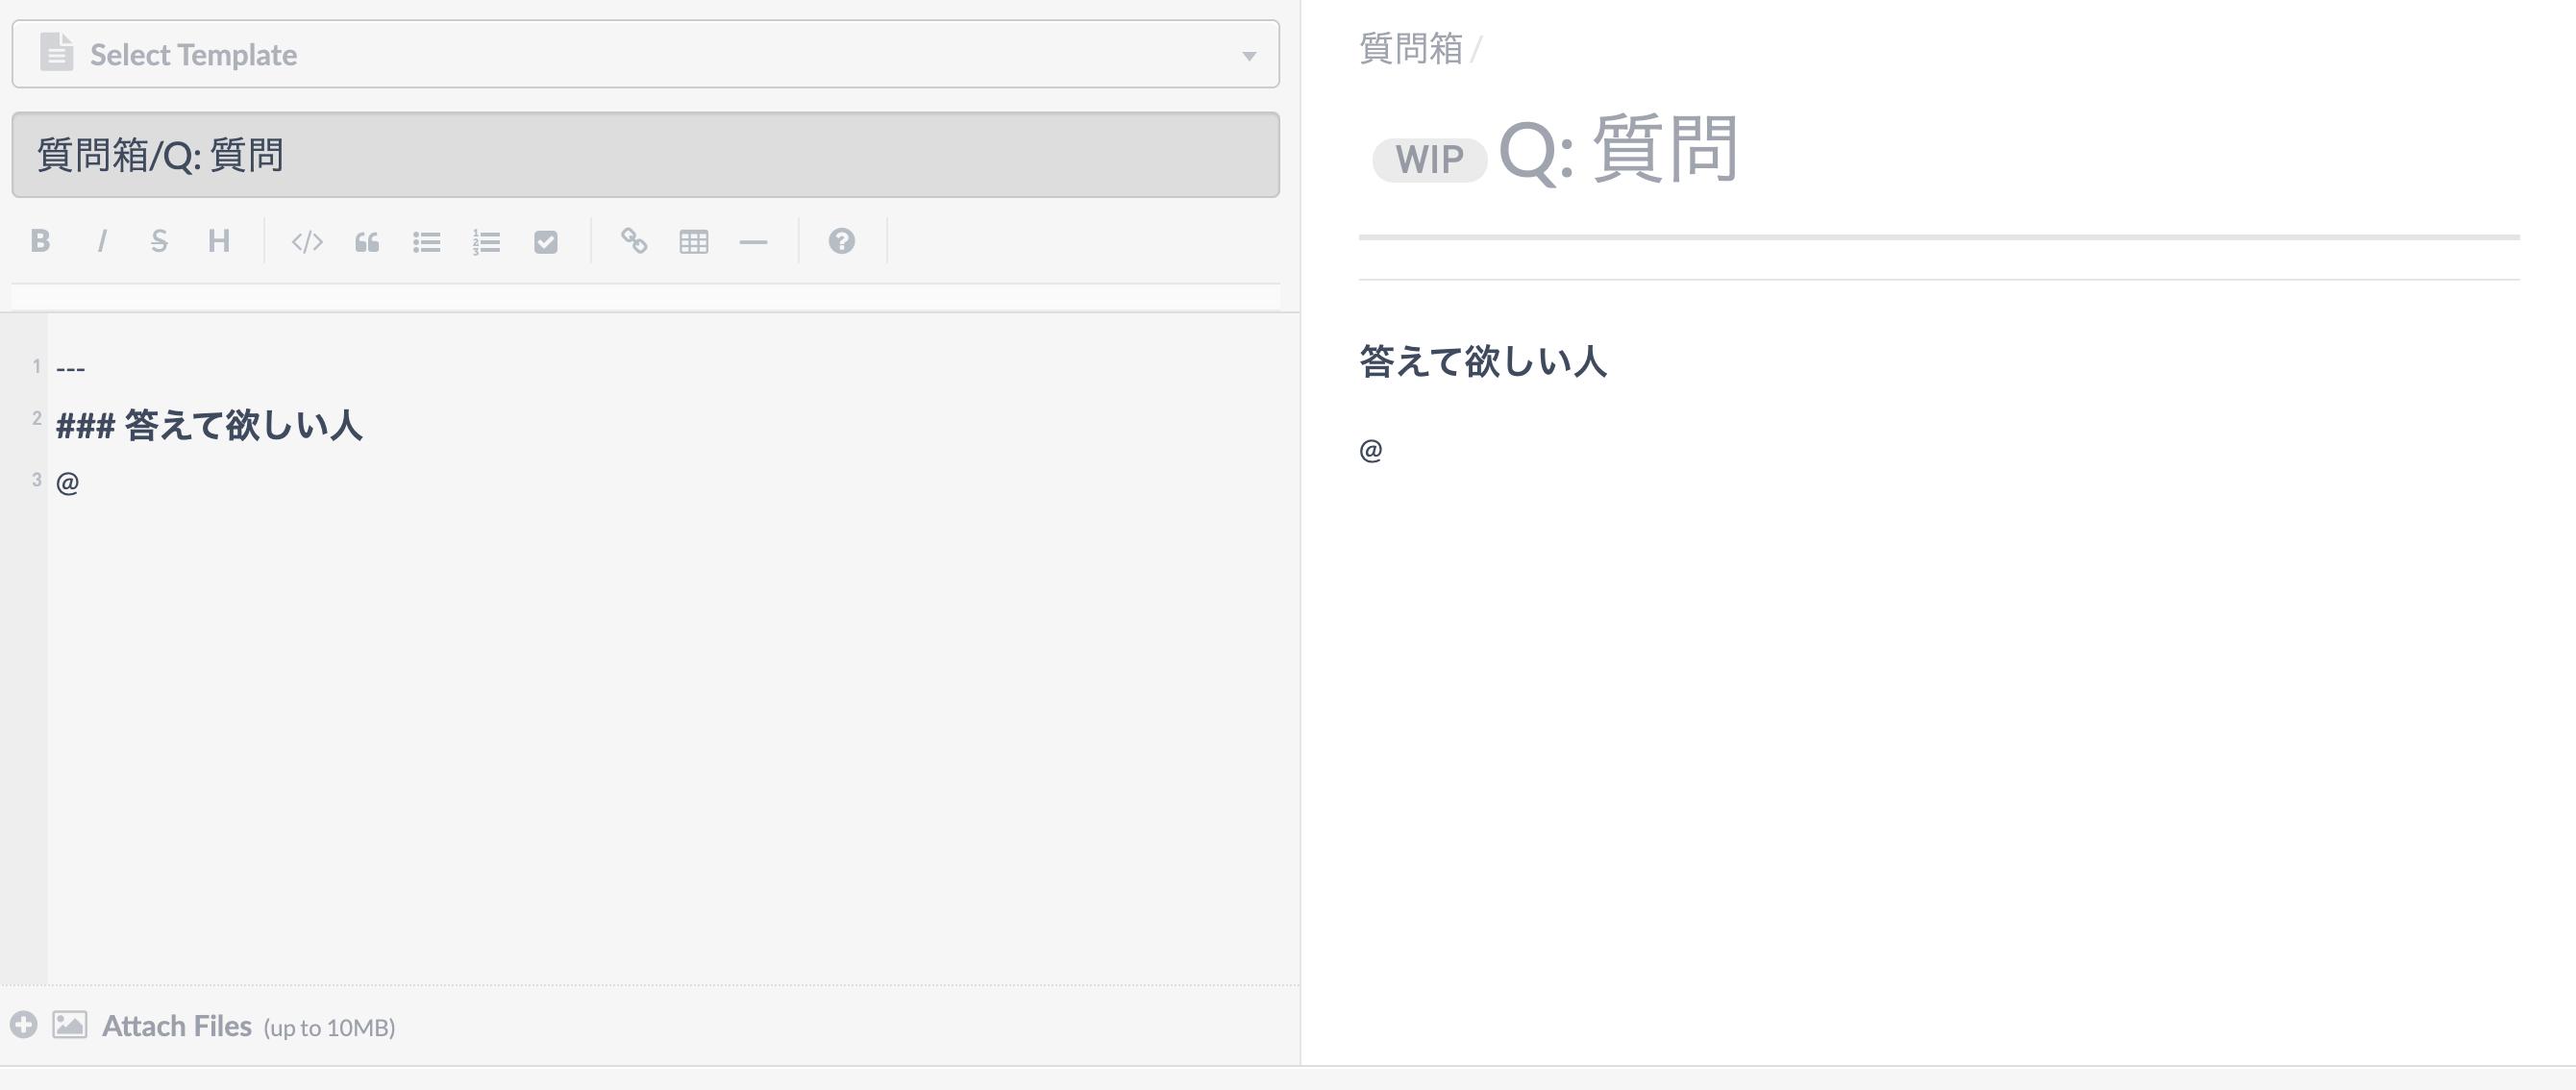 スクリーンショット 2020-02-03 20.04.36.png (138.7 kB)